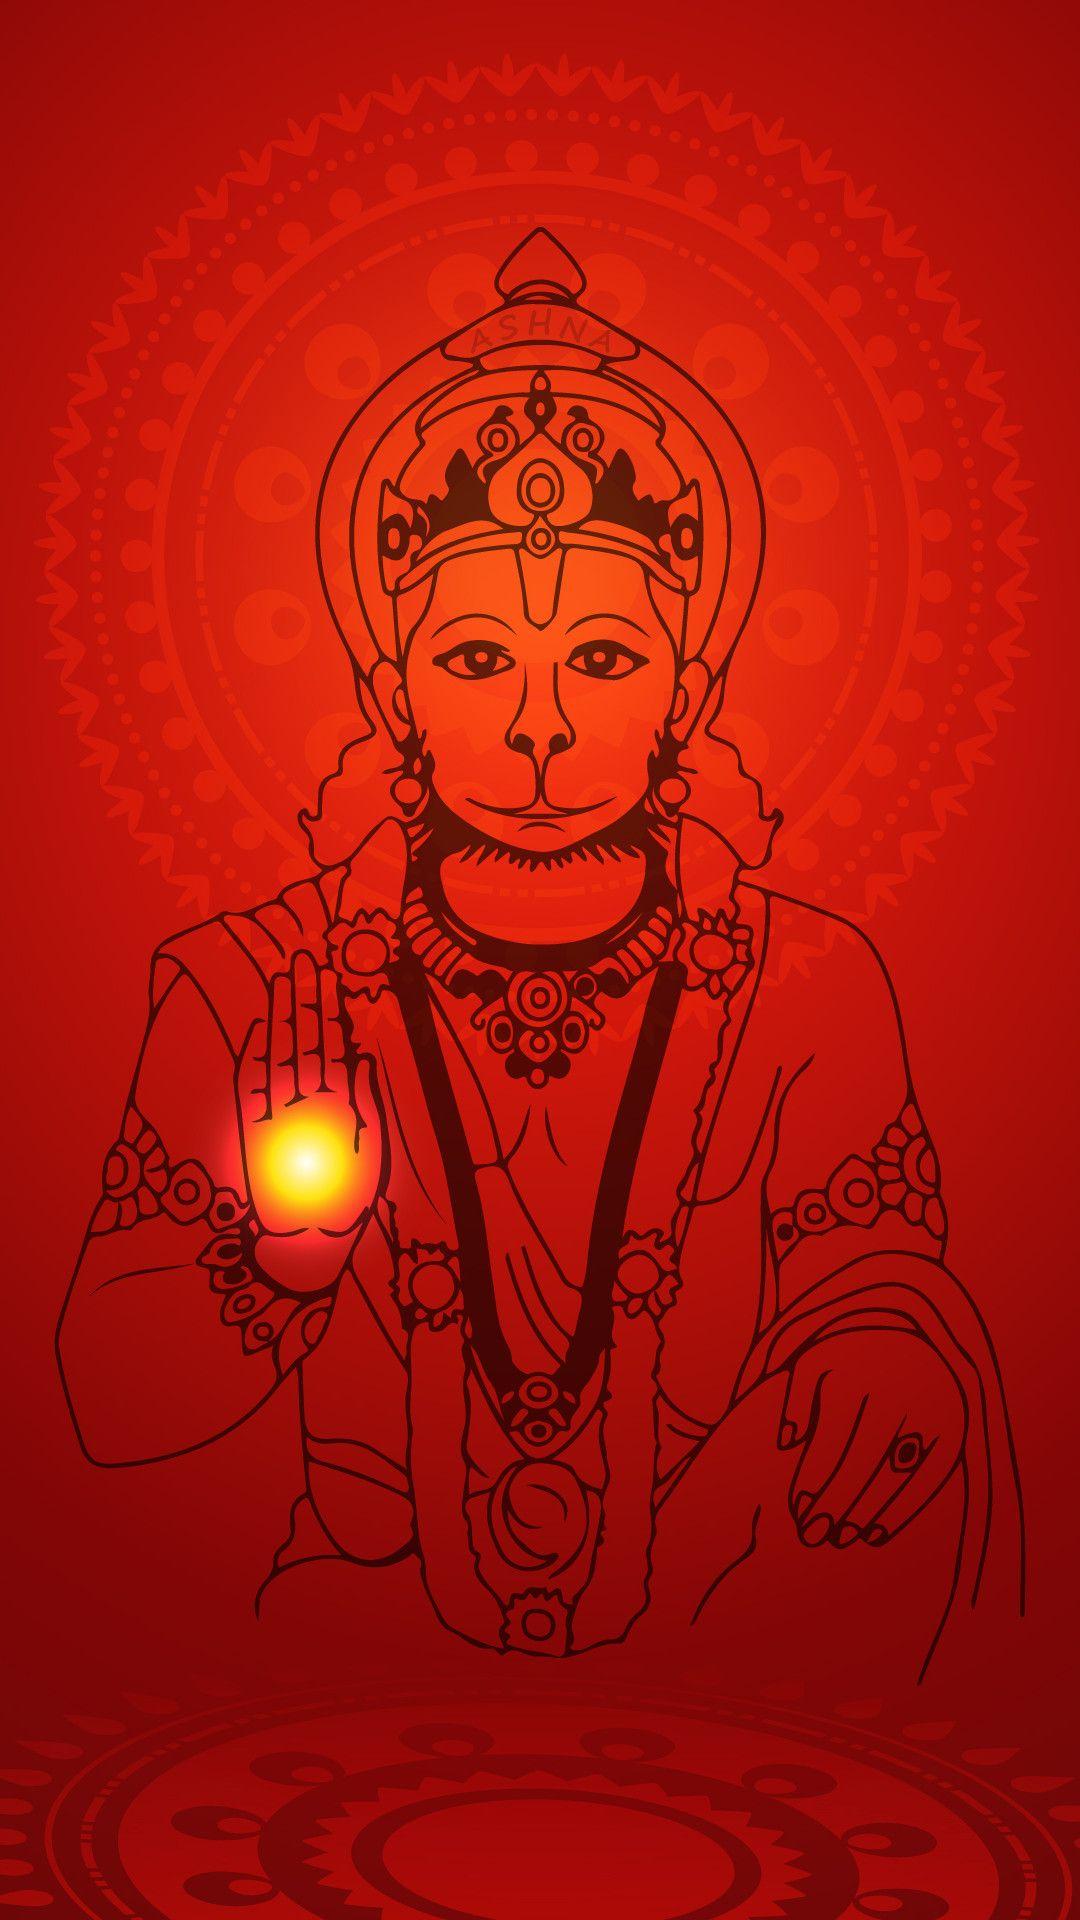 Hanuman ji wallpapers